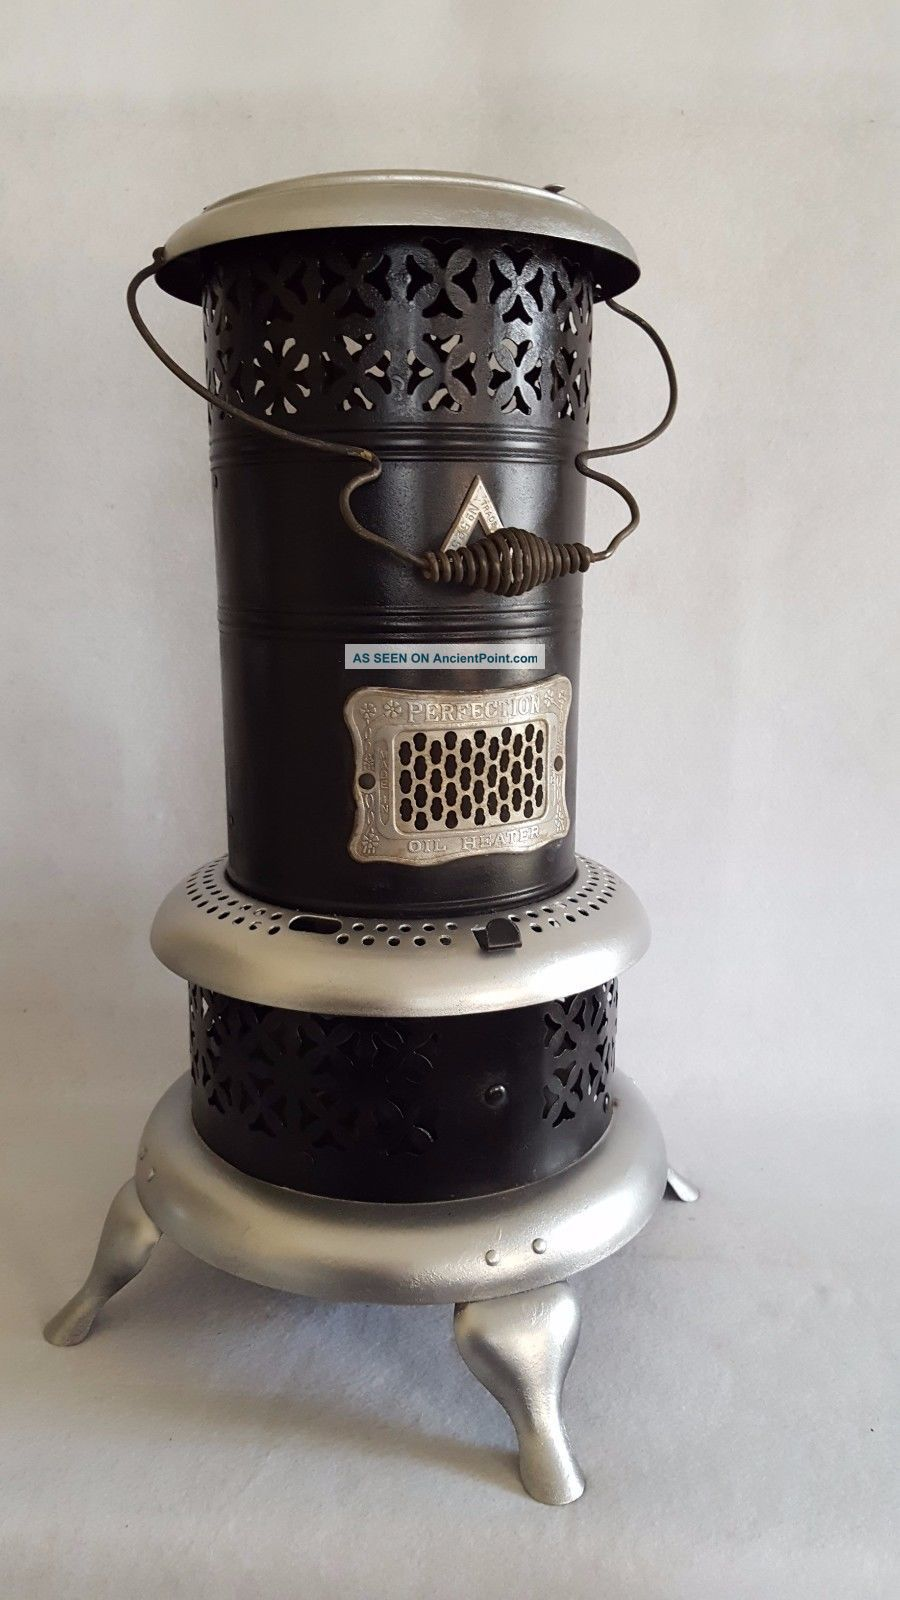 Antique Perfection Model 525 Kerosene/oil Heater - Complete Burner & Tank Stoves photo